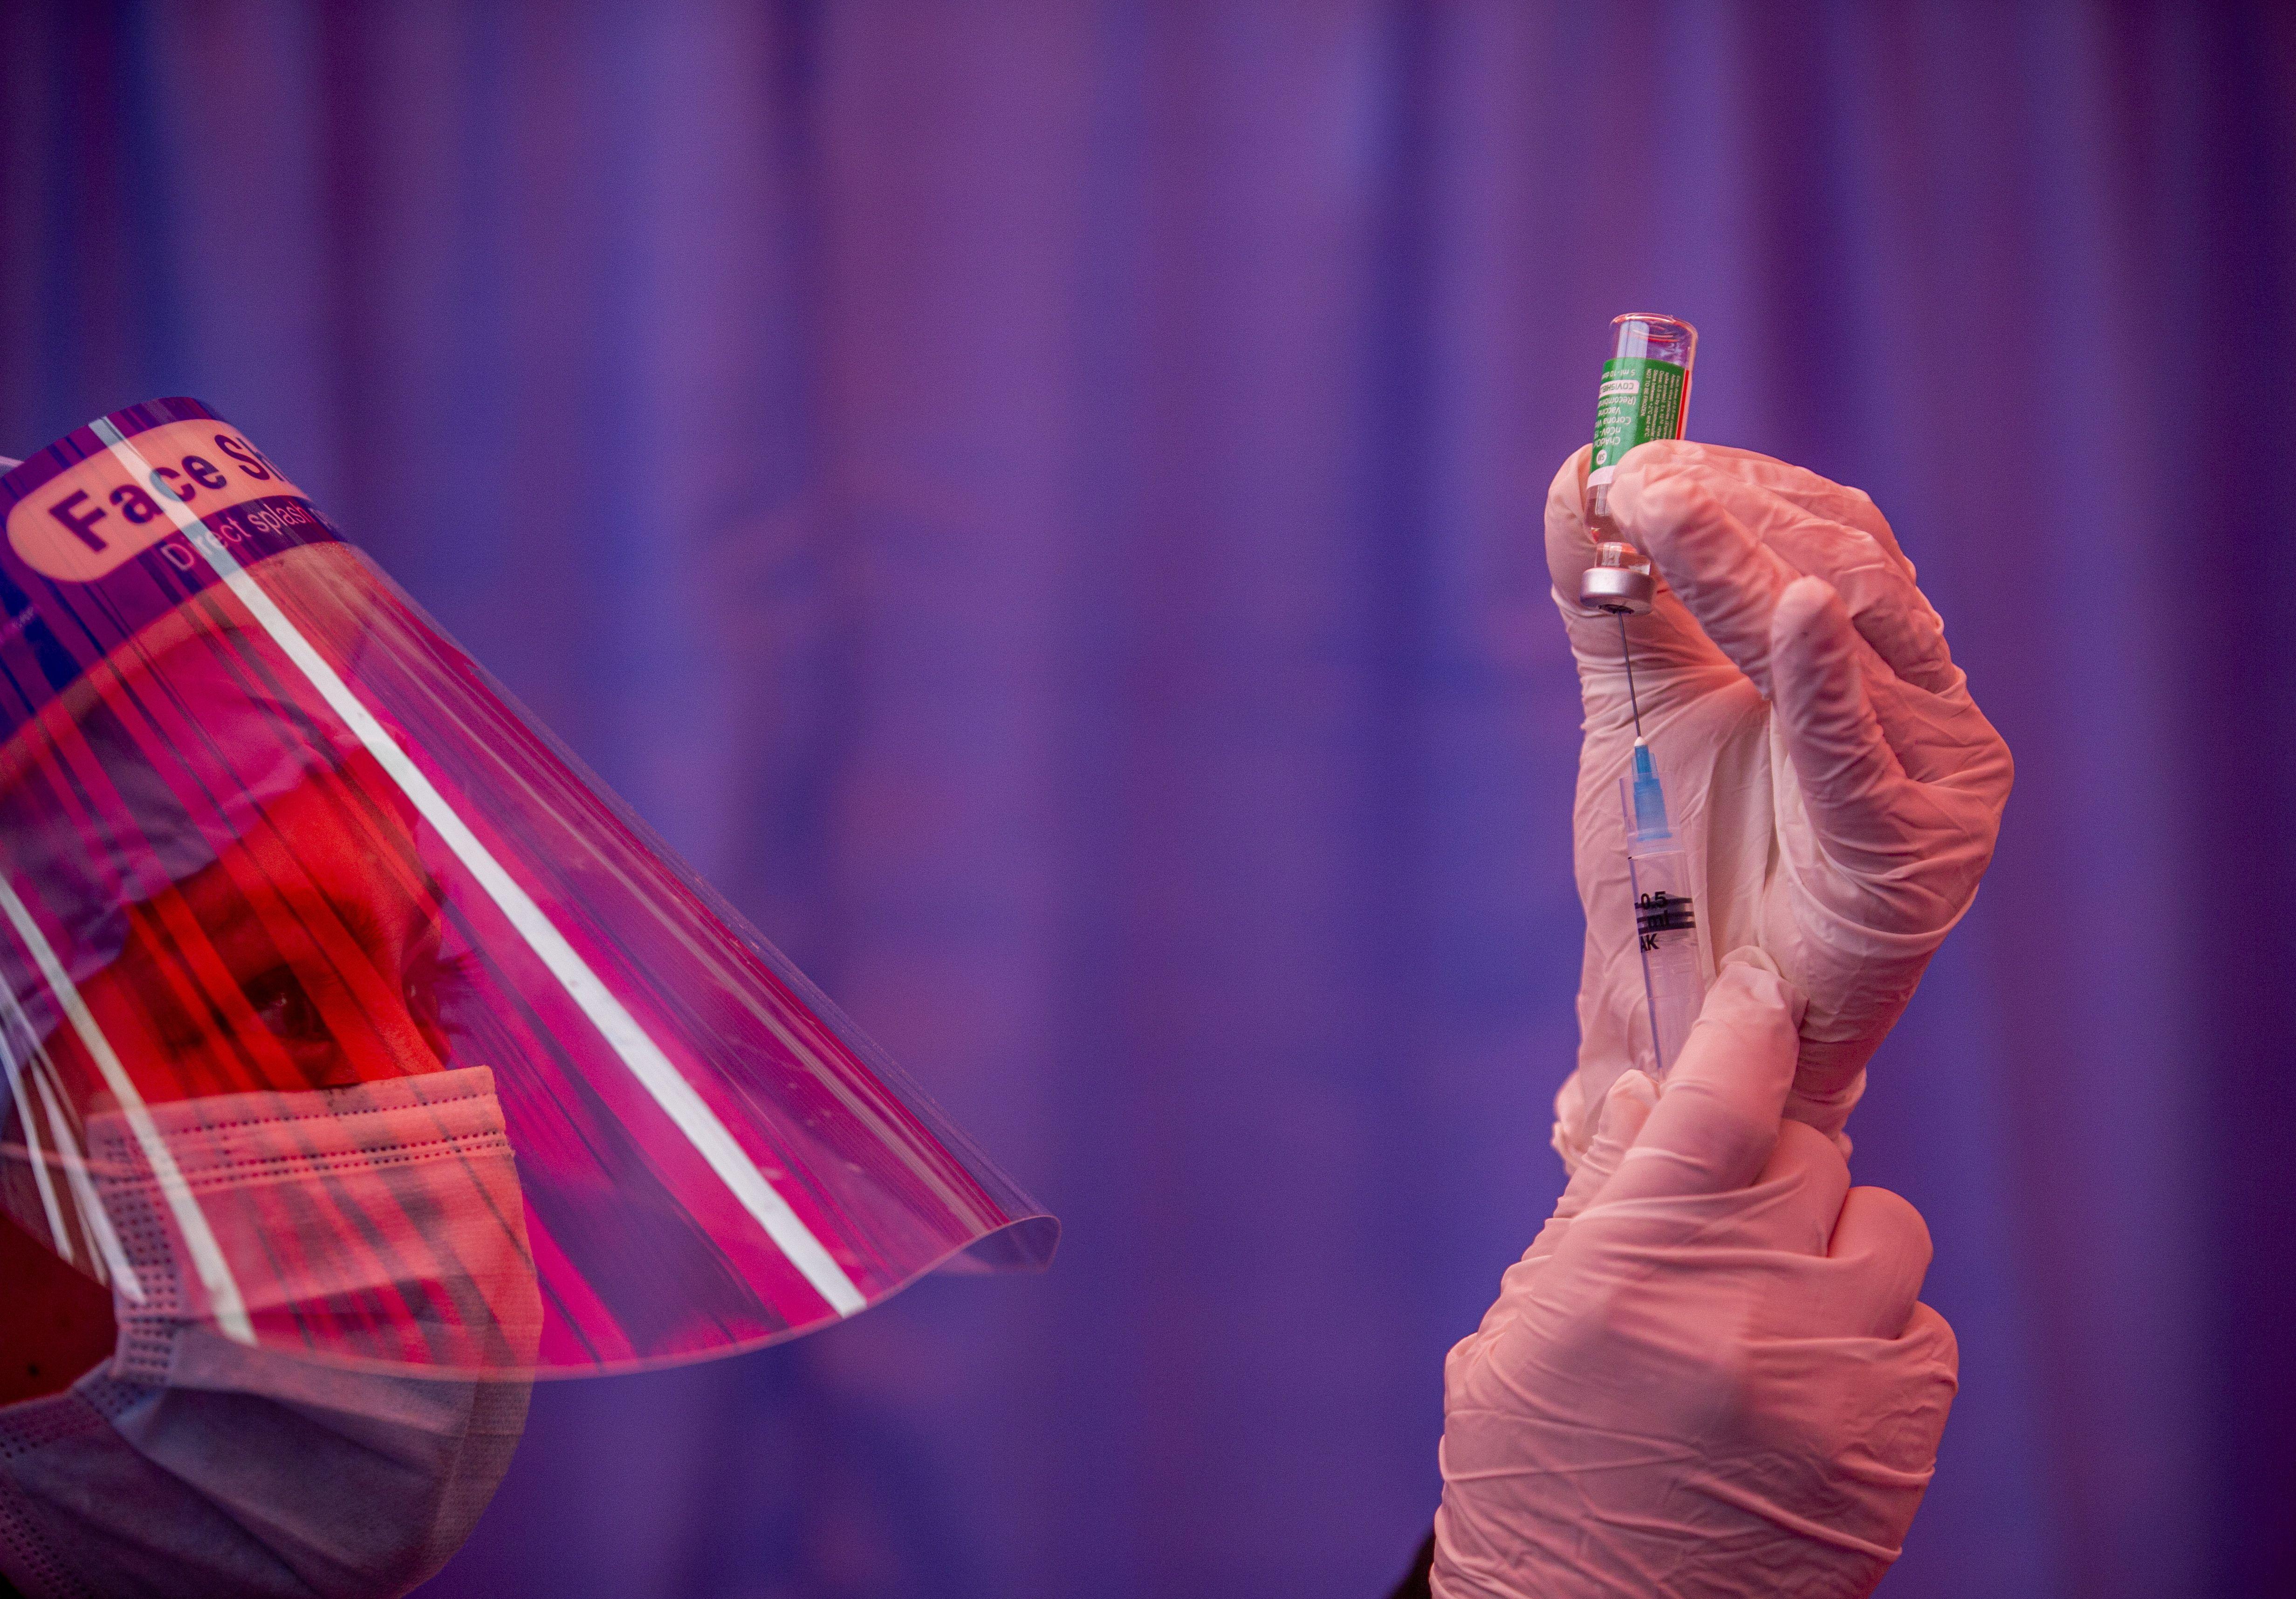 La EMA aprobó la vacuna de AstraZeneca para mayores de 18 años (EFE/EPA/NARENDRA SHRESTHA/Archivo)